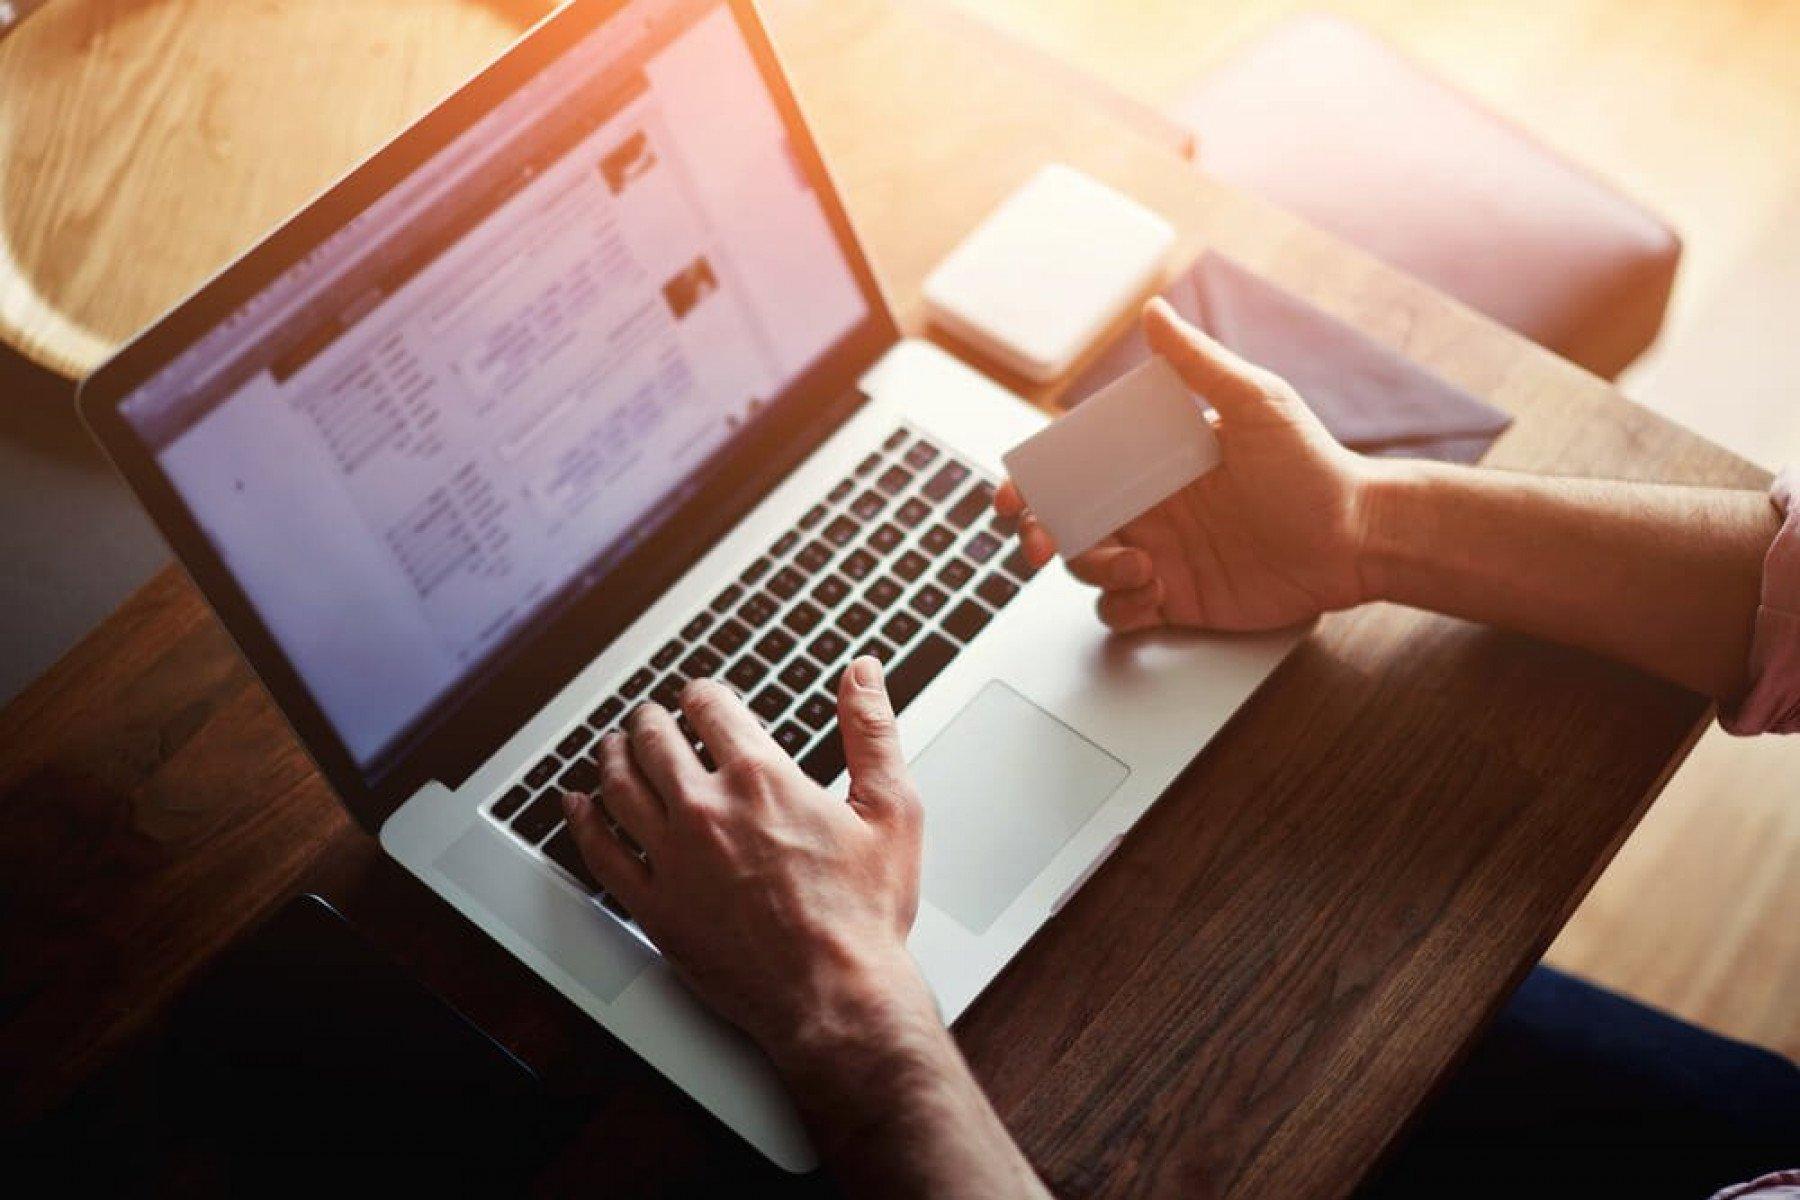 En person registrerar sitt kreditkort för ett köp på internet via sin laptop